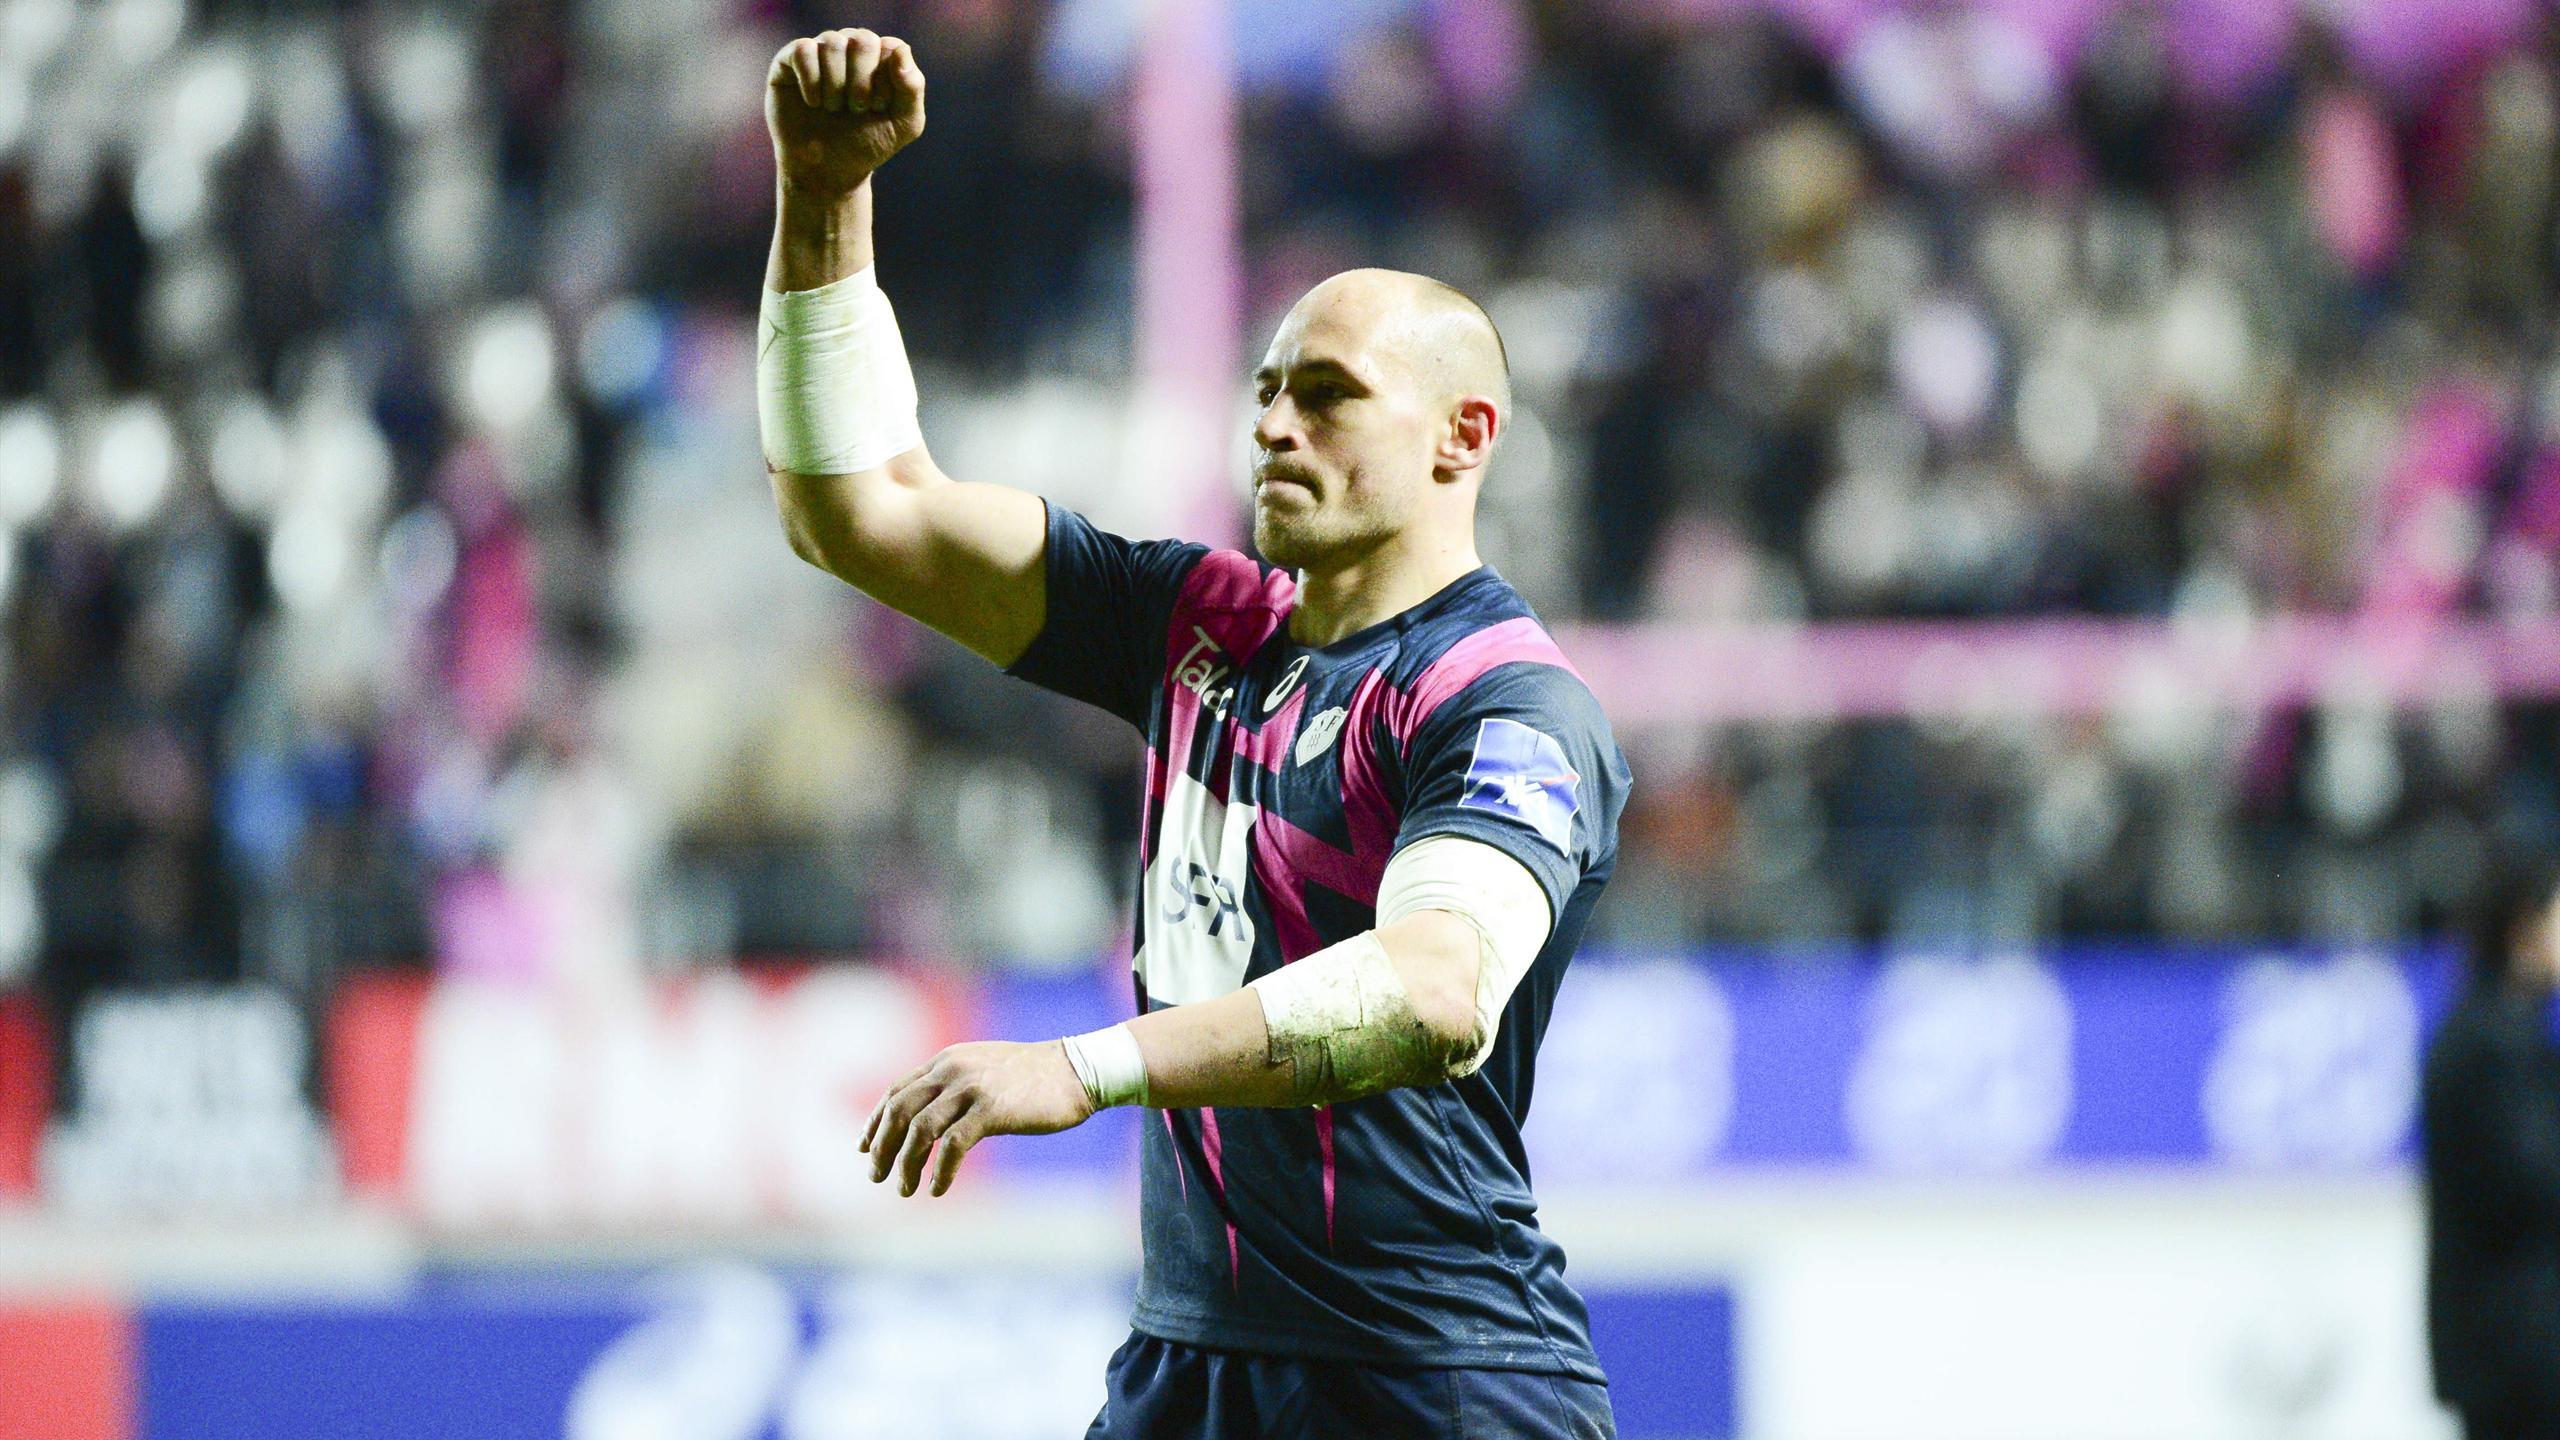 Sergio Parisse (Stade français) - 19 février 2016